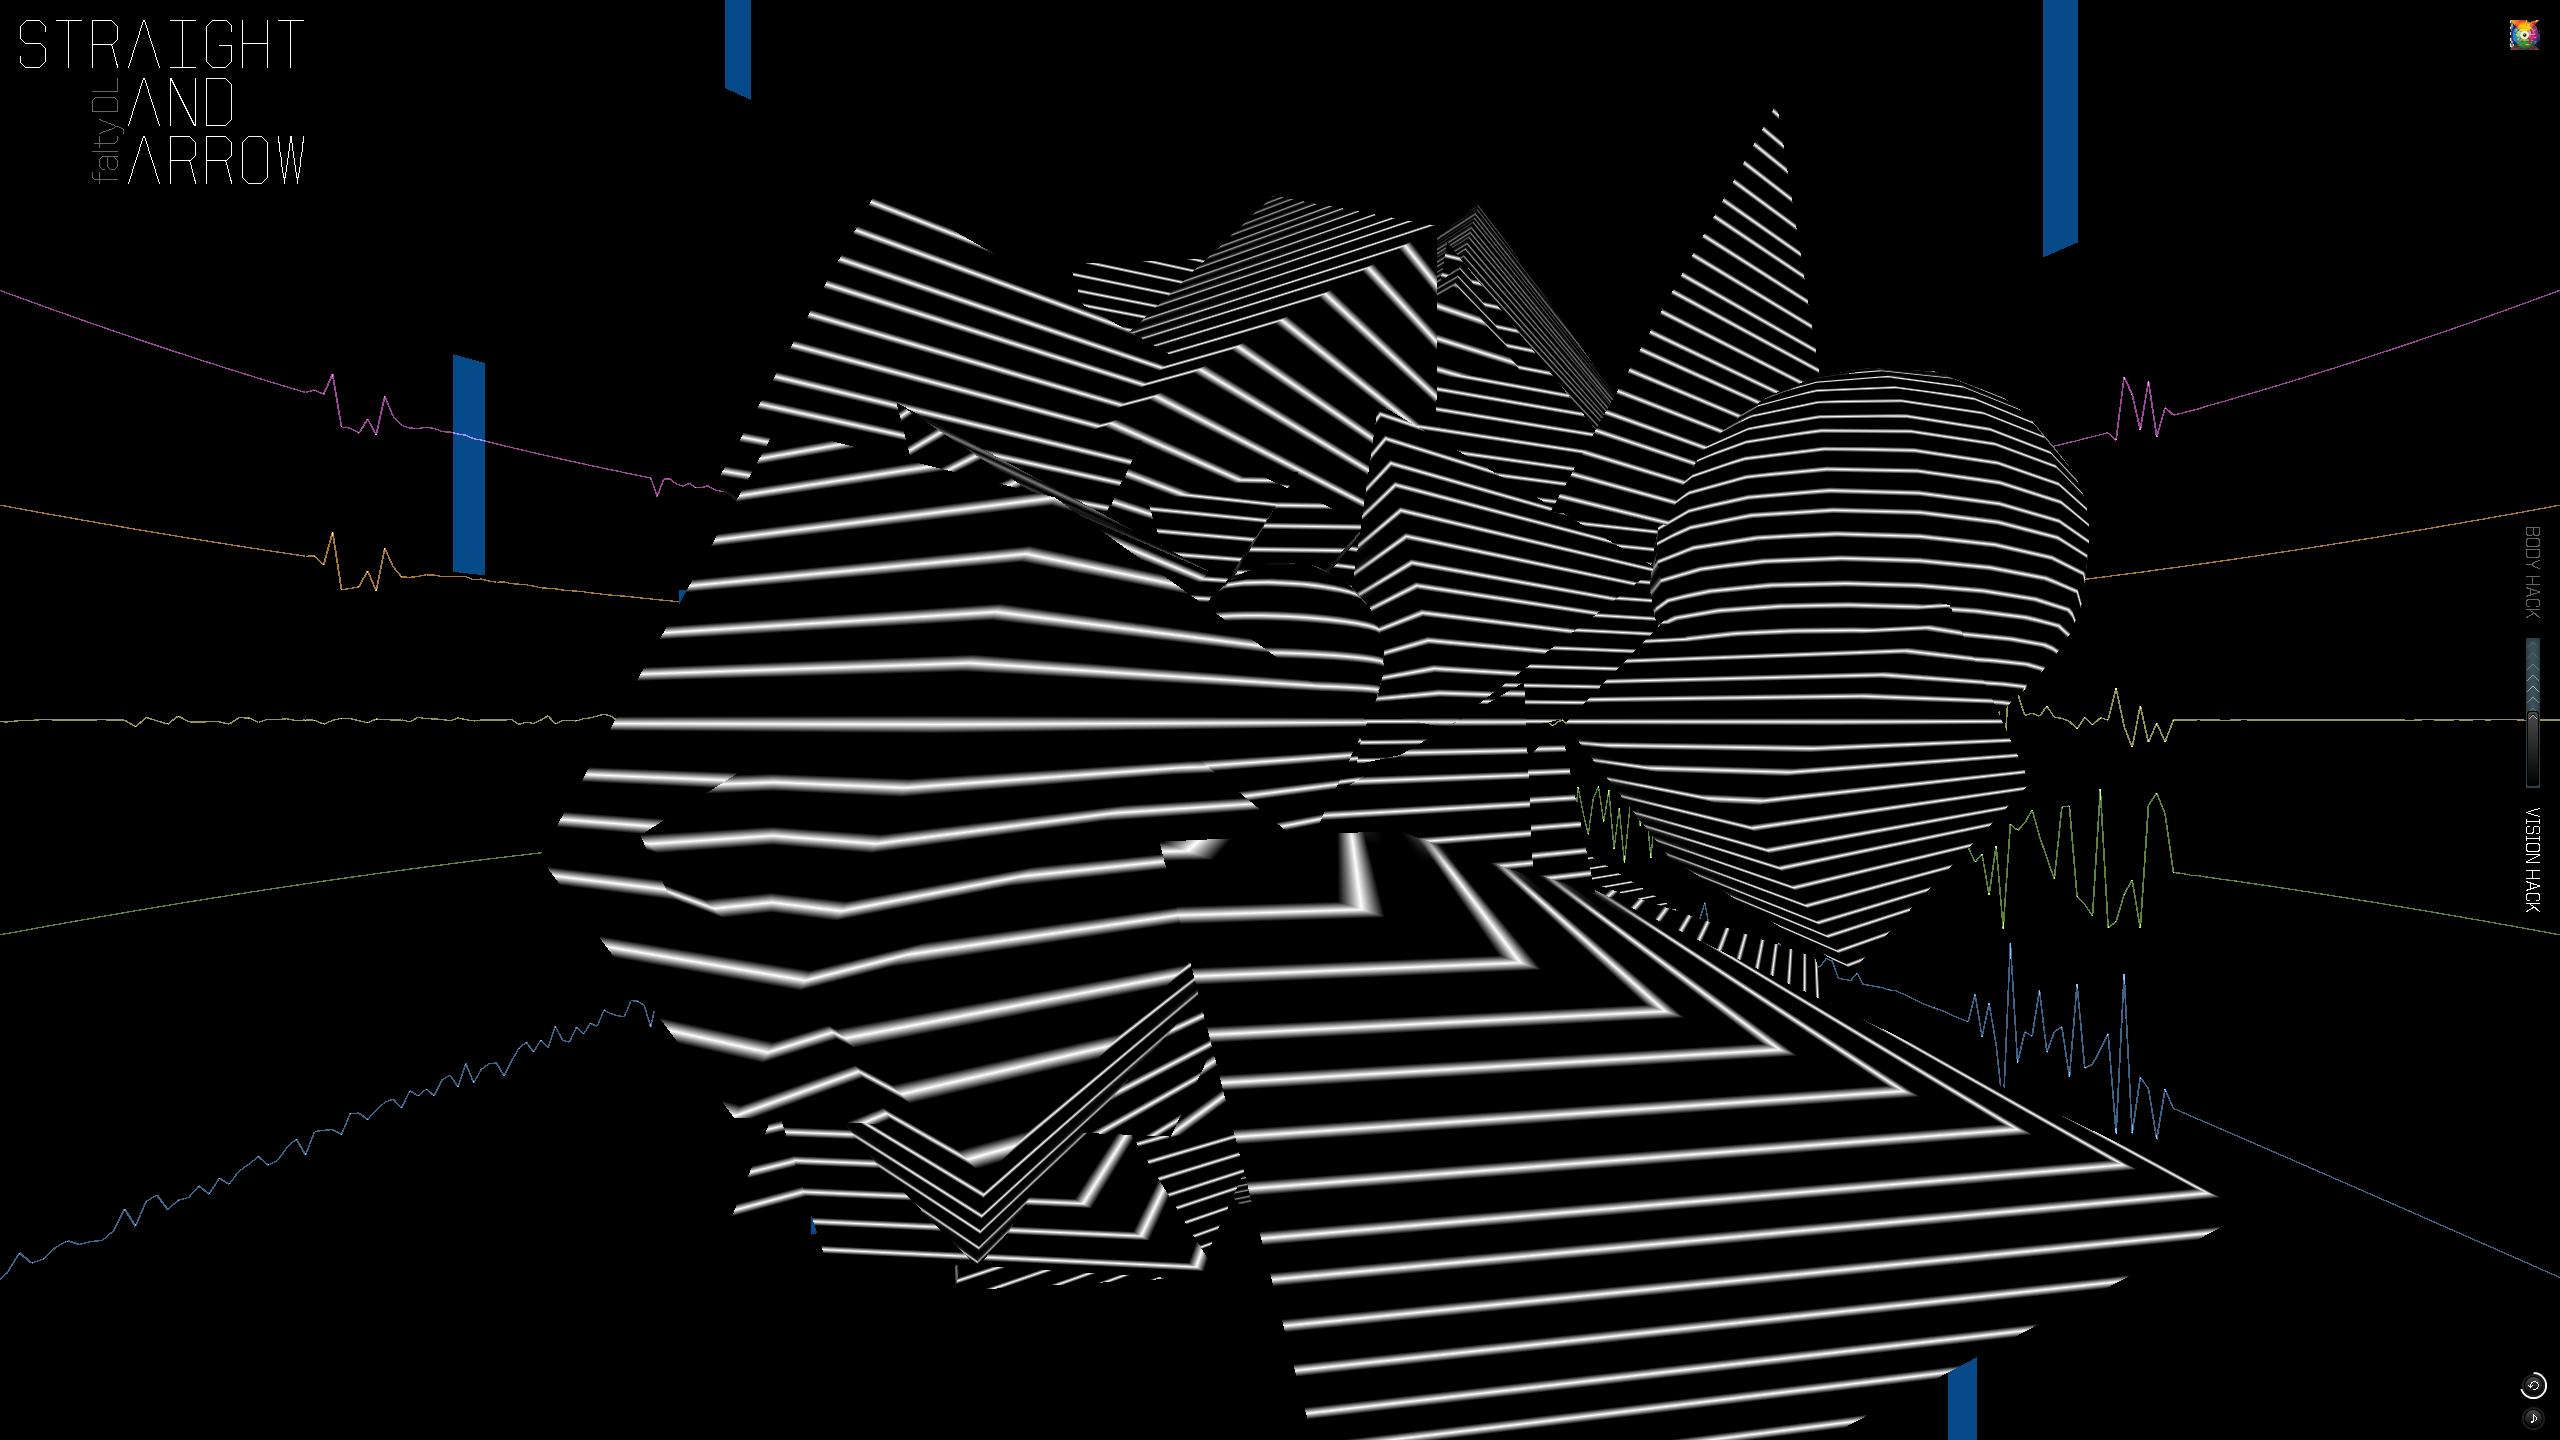 スクリーンショット 2012-11-27 9.35.02 PM